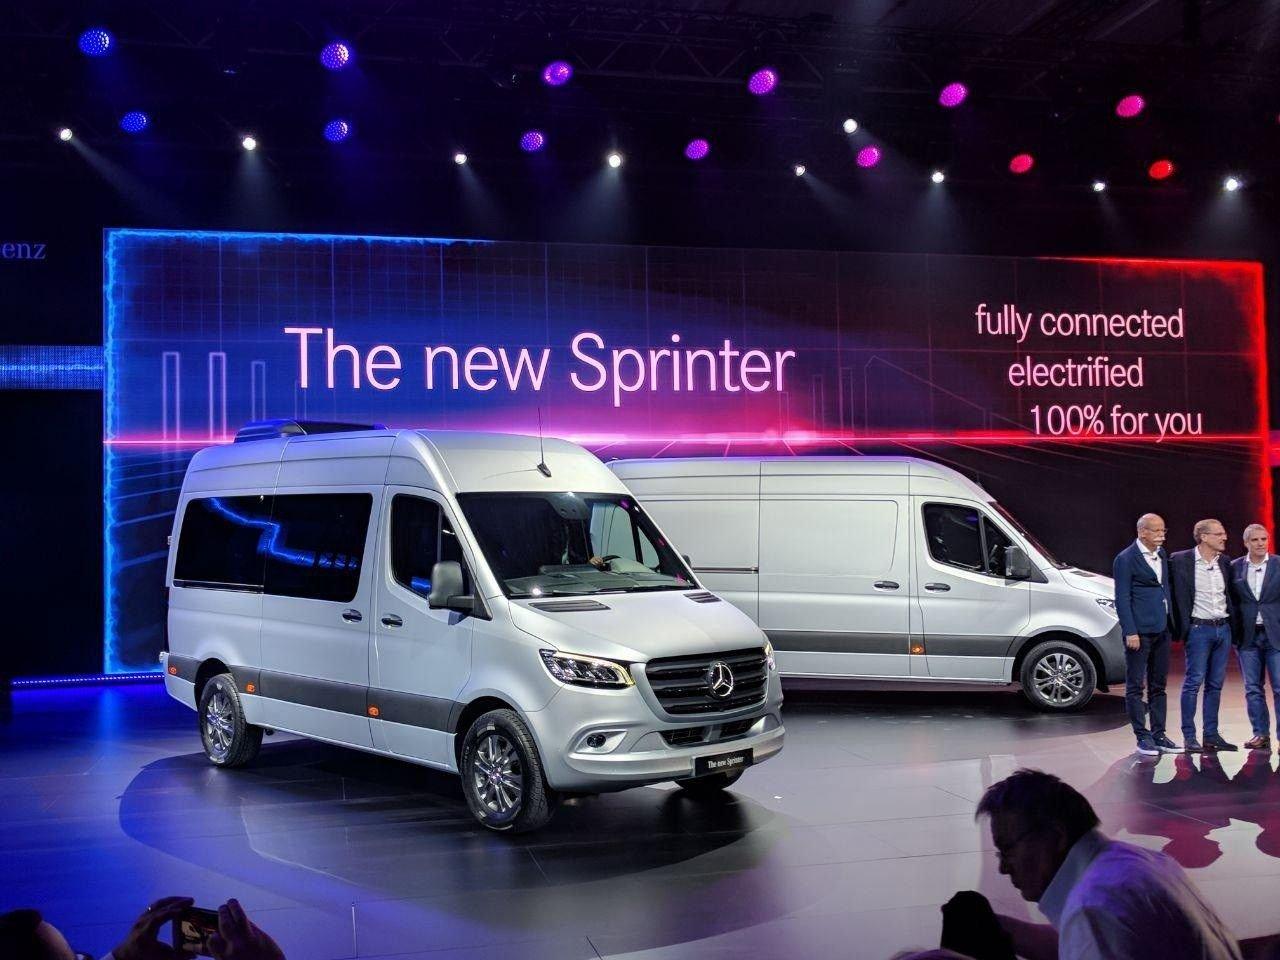 Mercedes рассказал обэлектрической версии нового Sprinter